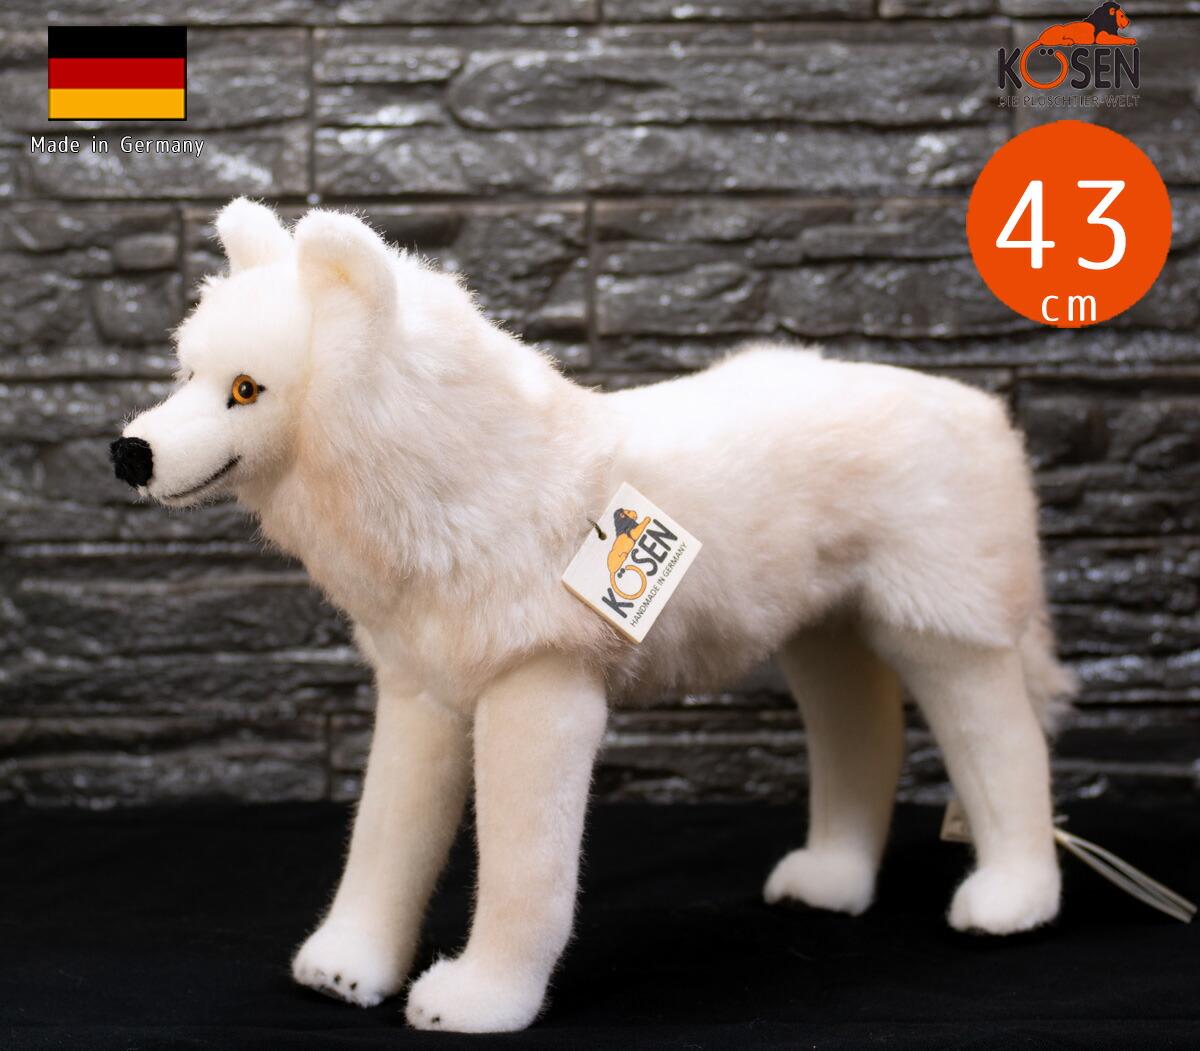 北極オオカミ 立ち KOSEN(ケーセン社) 43cm Arctic Wolf Standing/ぬいぐるみ プレゼント/リアル/動物/ギフト/子供/女の子/男の子/大人/クリスマス